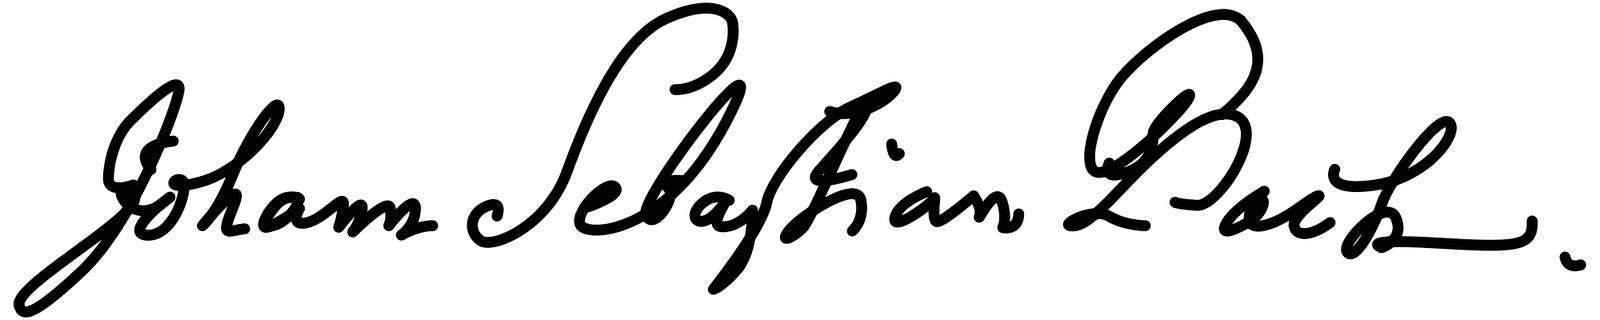 Матрешки картинки, картинки с надписями баха имя